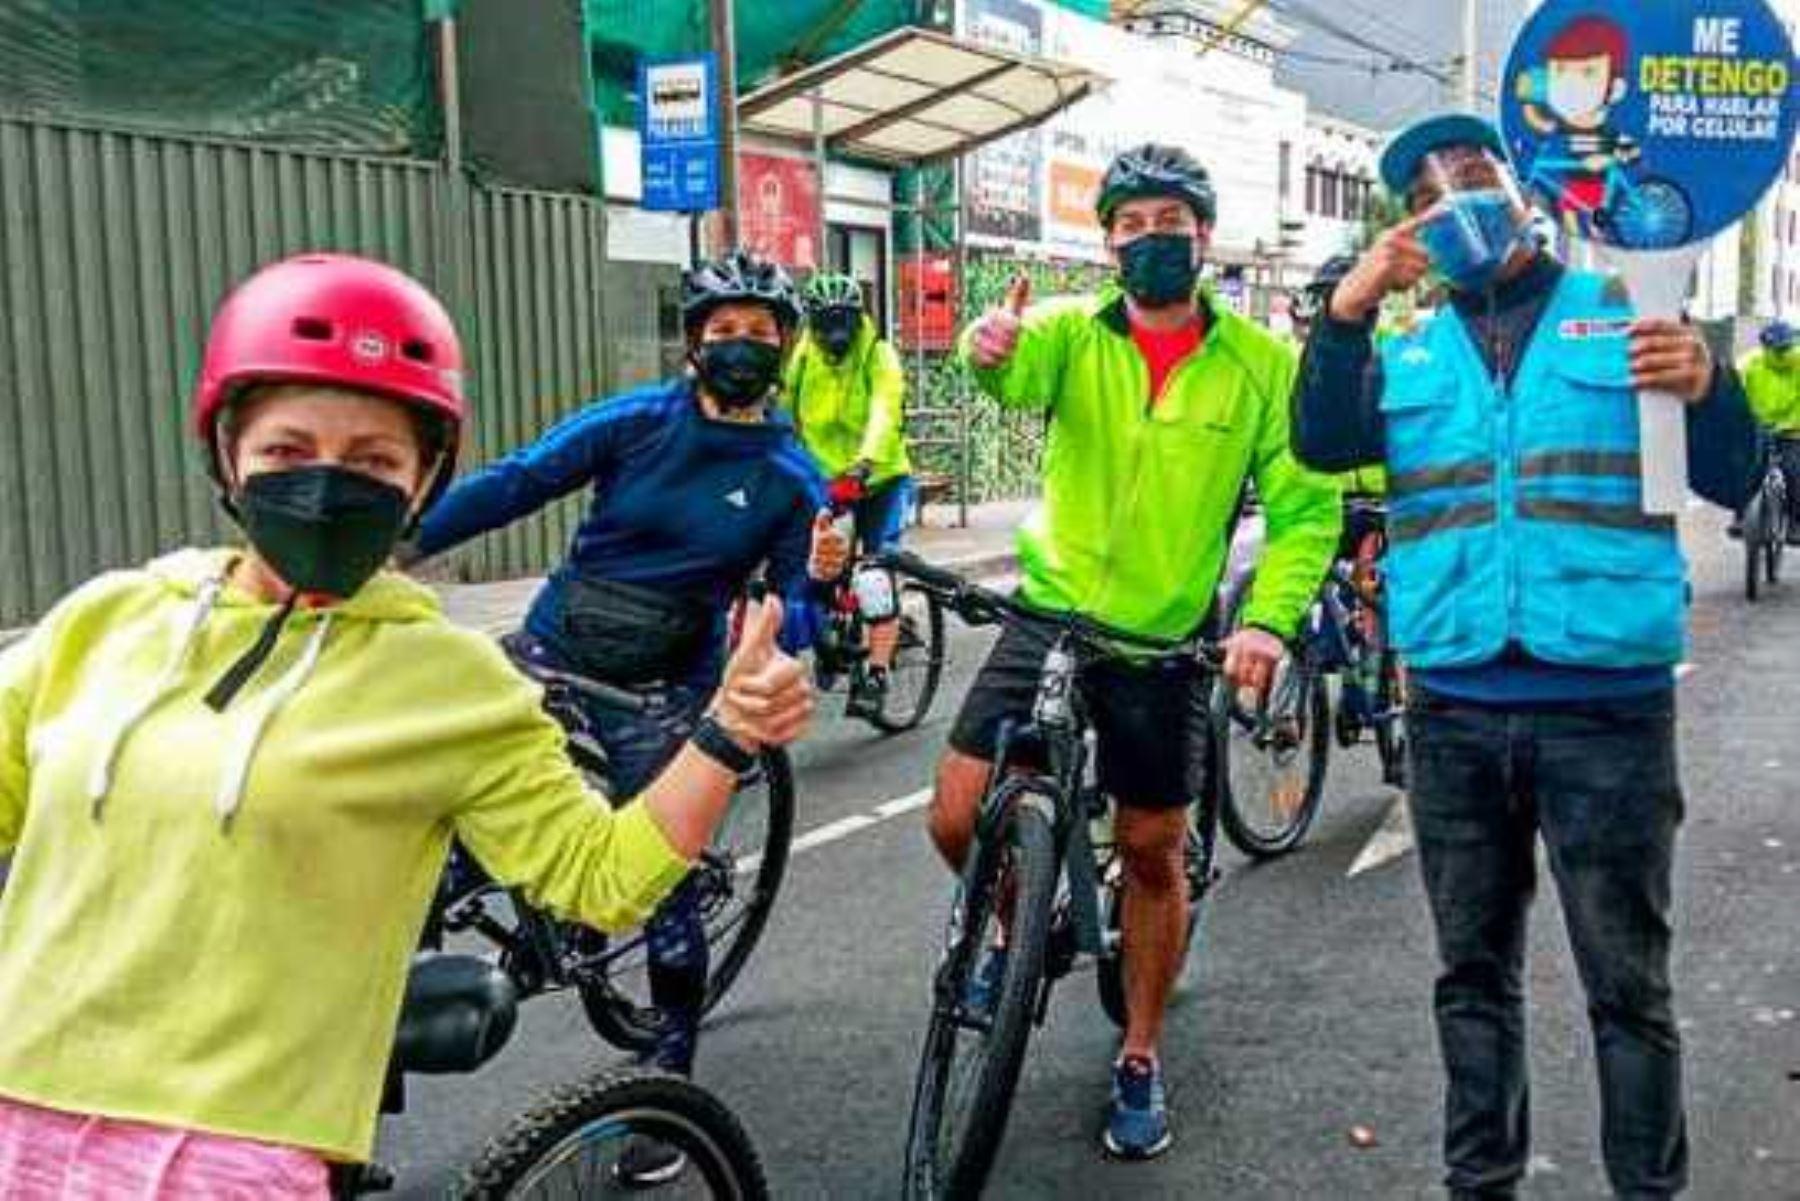 ATU recorre paraderos para sensibilizar sobre el respeto a las normas de tránsito. Foto: ANDINA/Difusión.